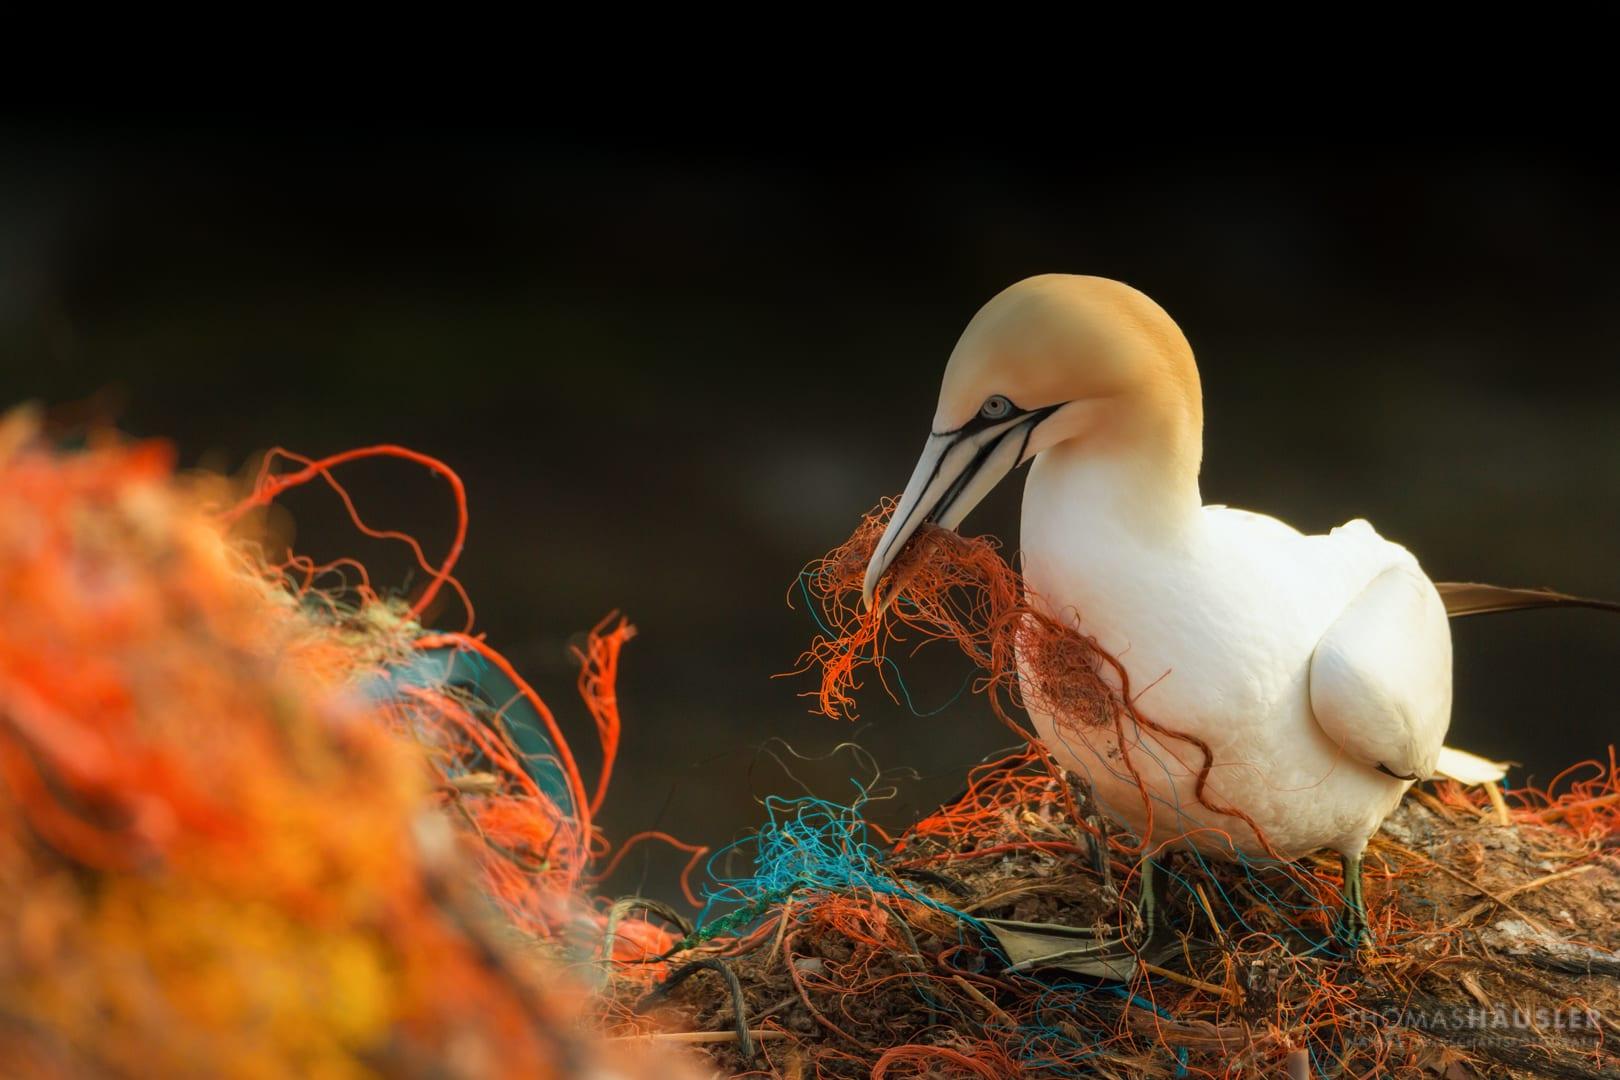 gannet-holds-fishing-net-in-its-beak